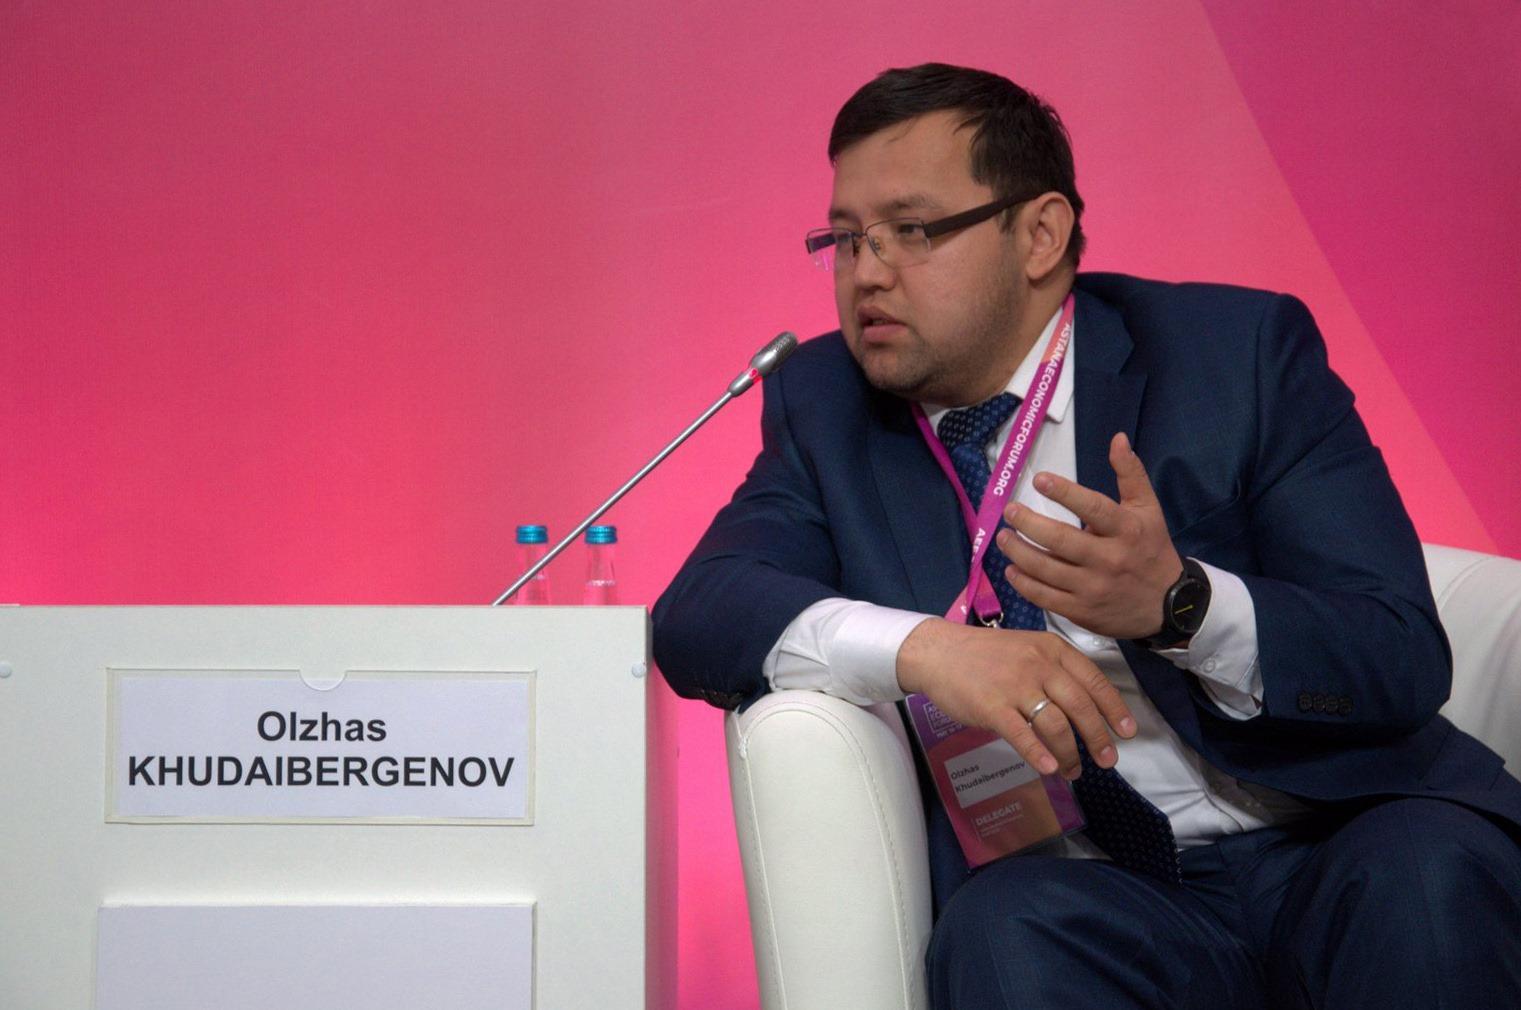 Олжас Кудайбергенов - о том, как чуть не умер от COVID-19 и как его спасли врачи из Москвы